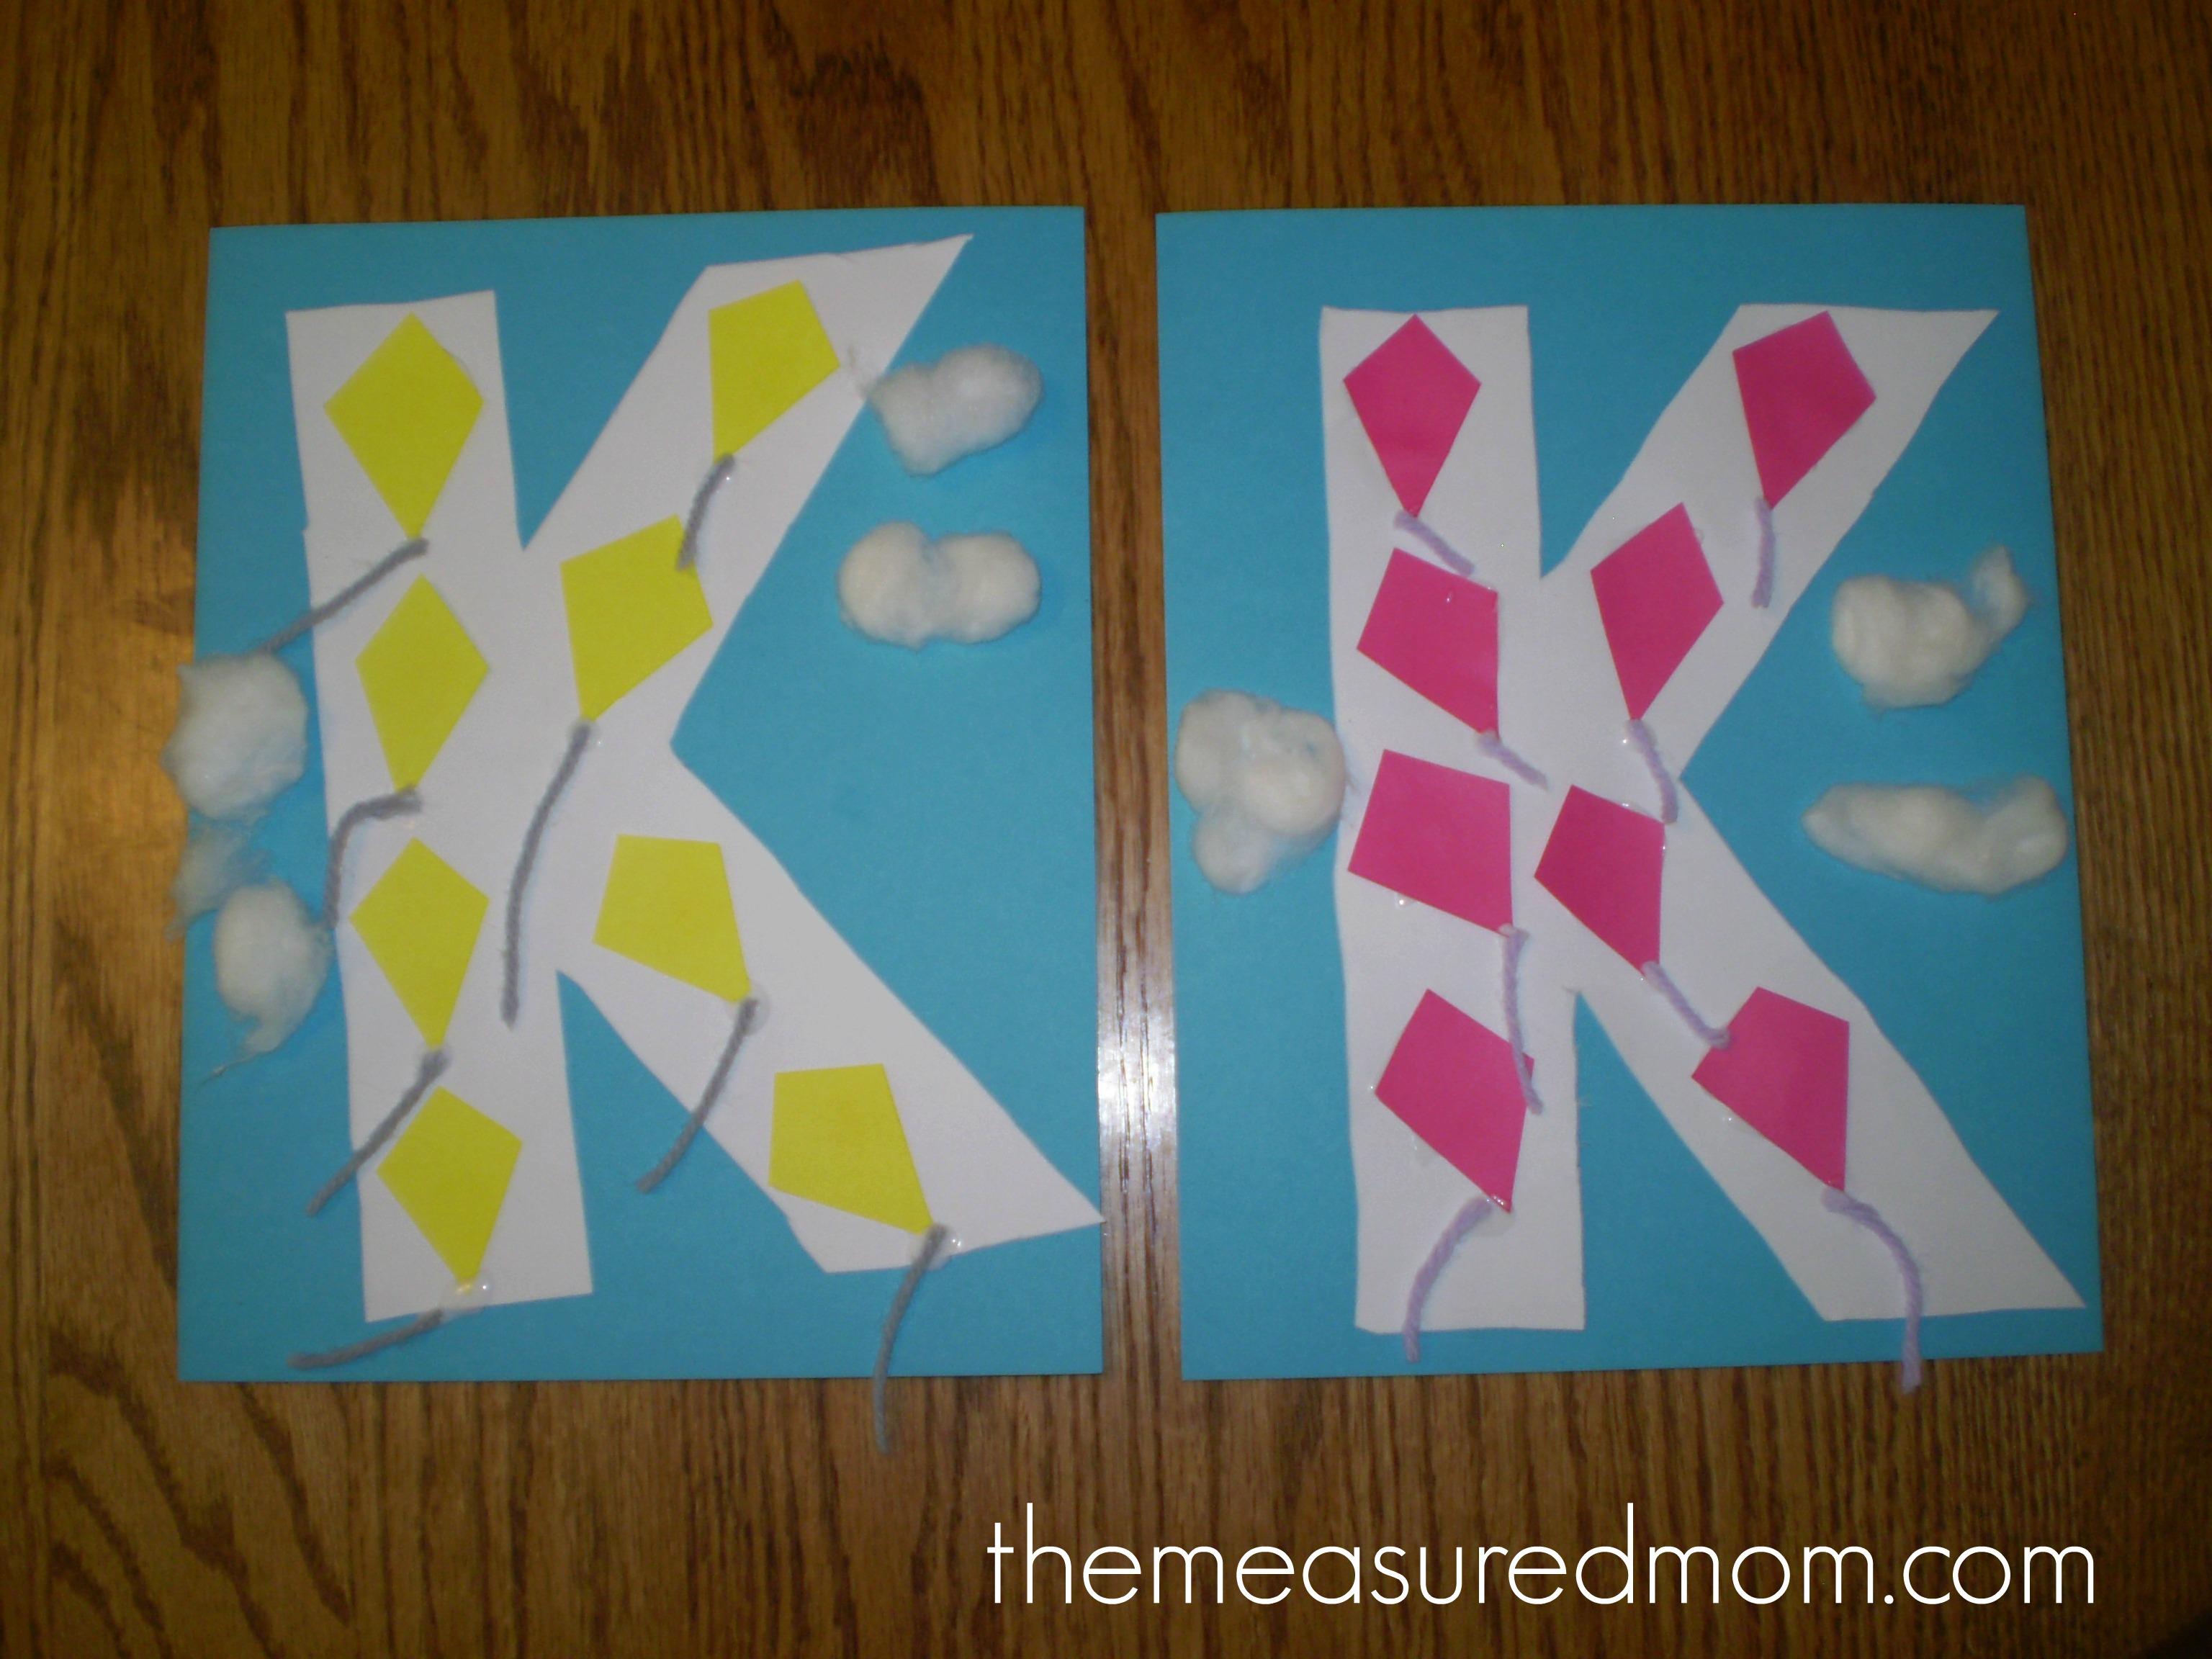 Letter-K-crafts-the-measured-mom.jpg